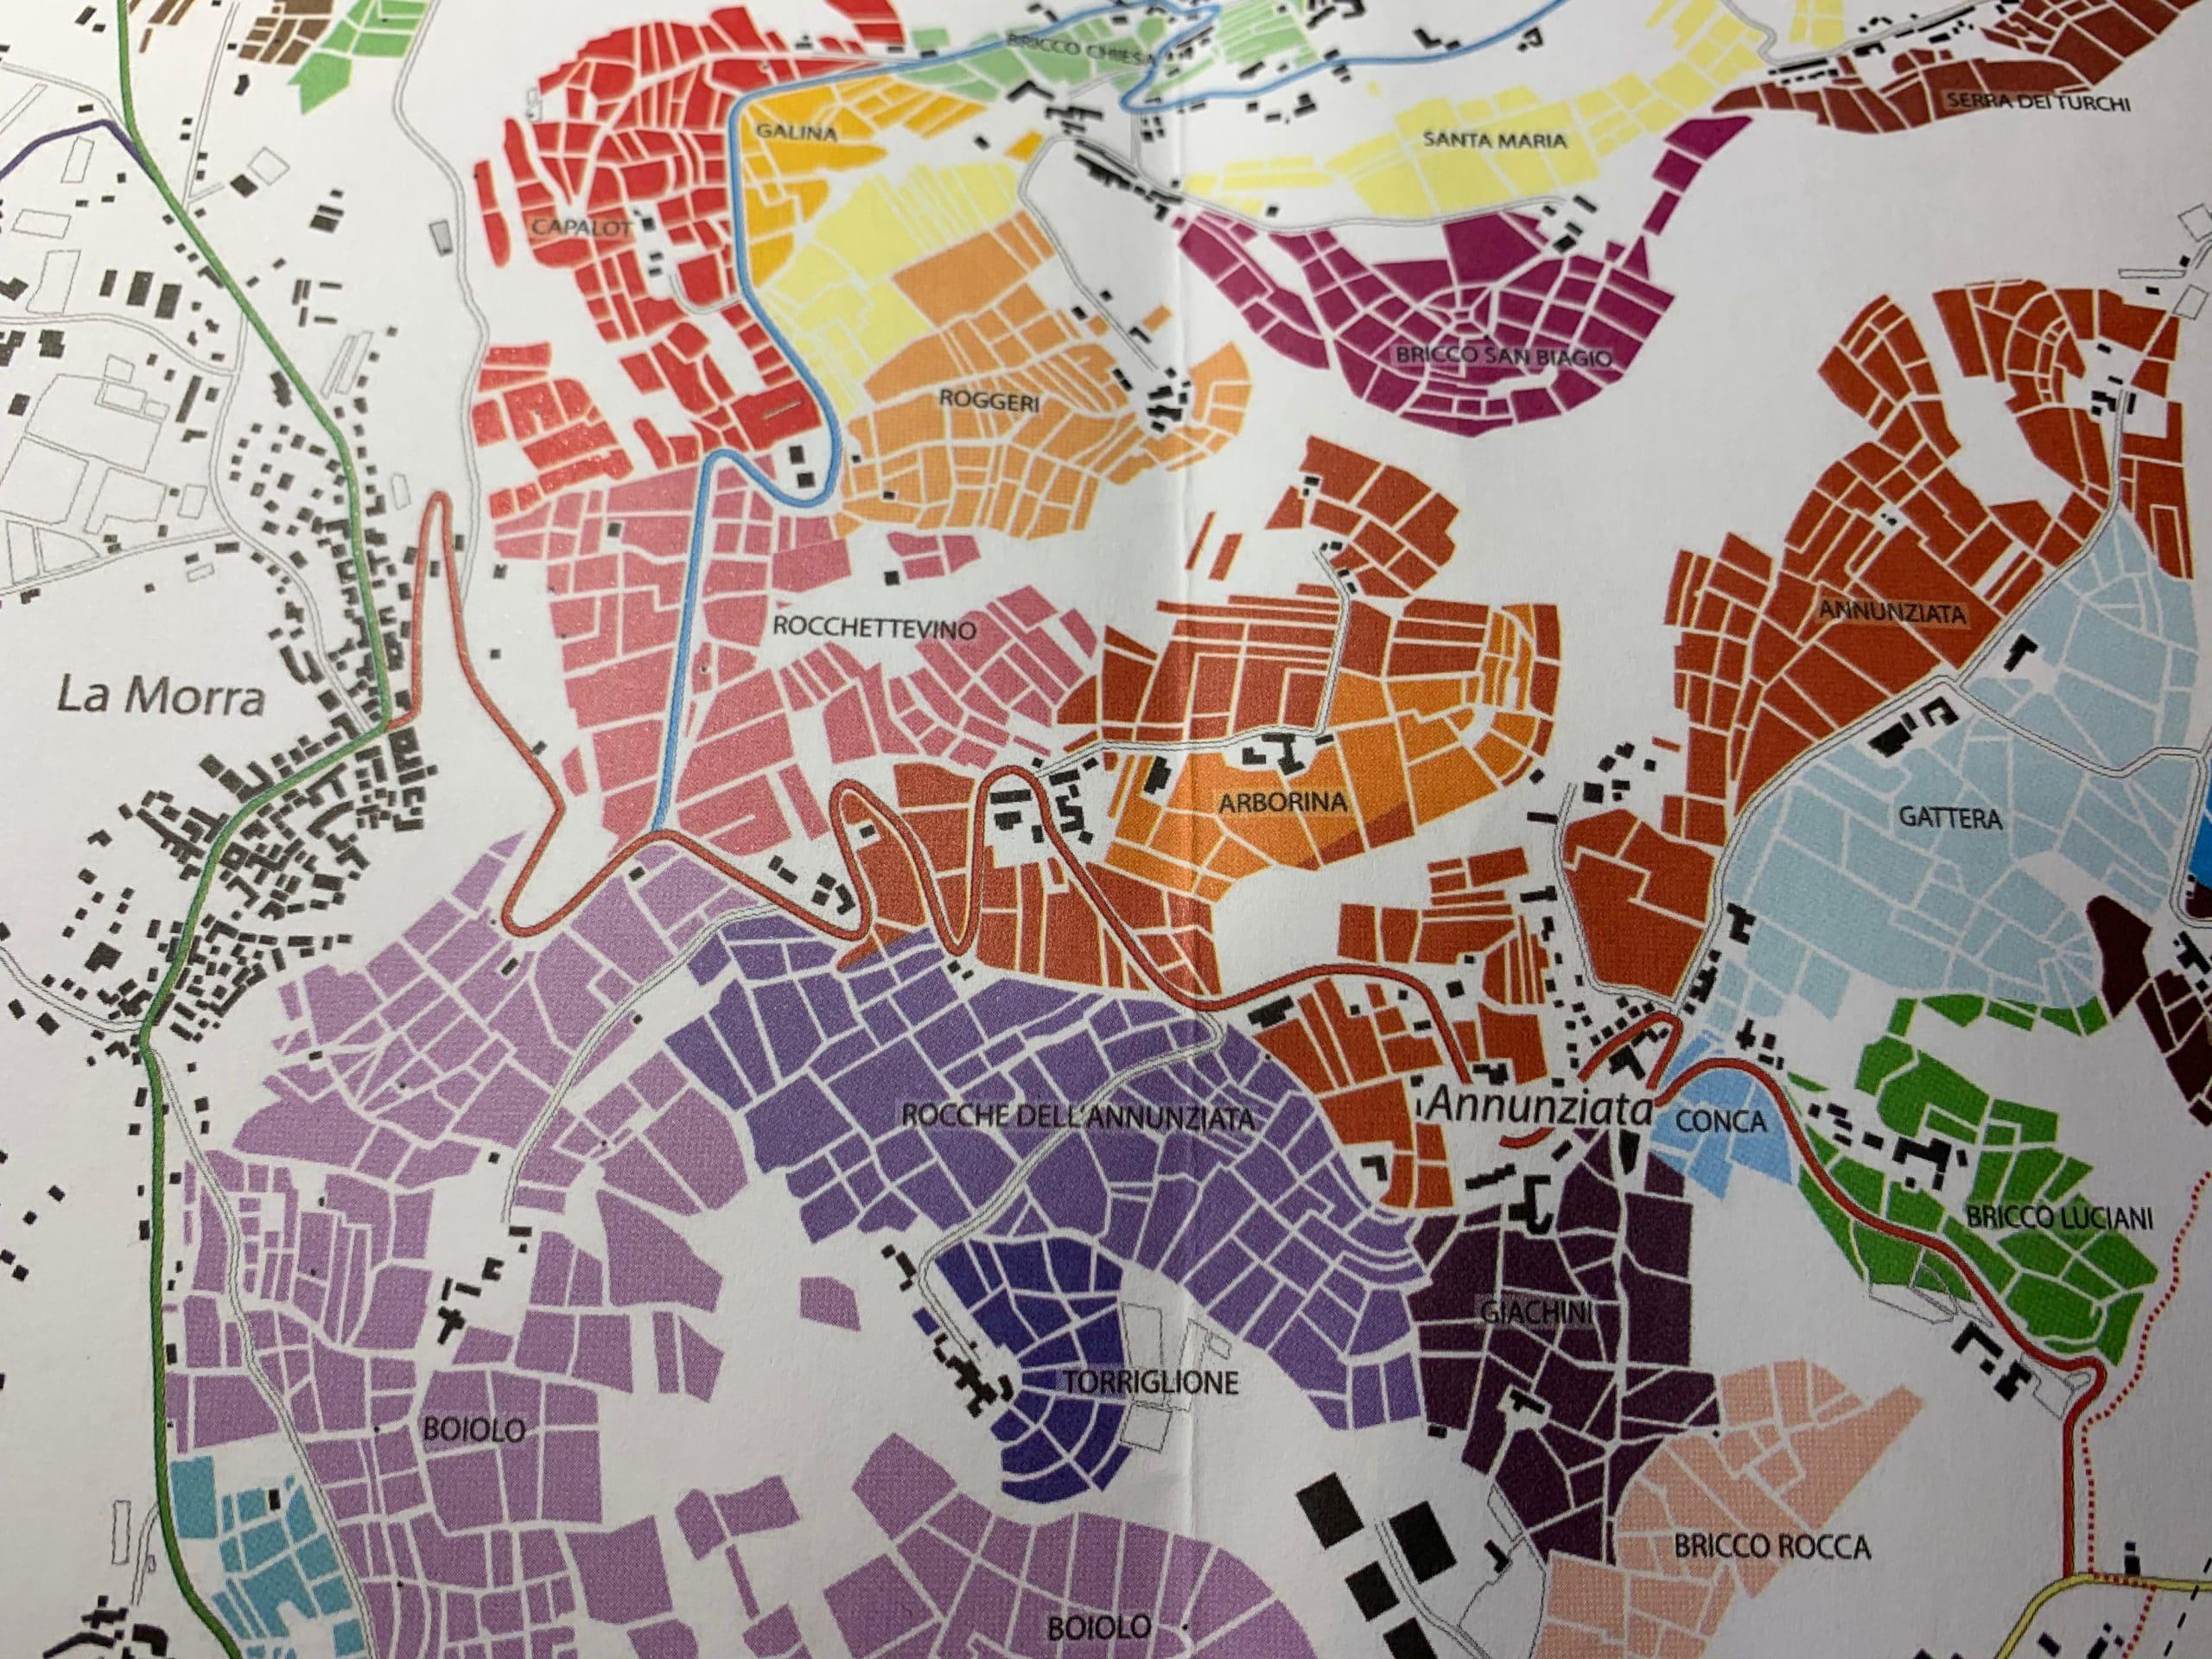 Masnaghetti wine maps of La Morra, Barolo